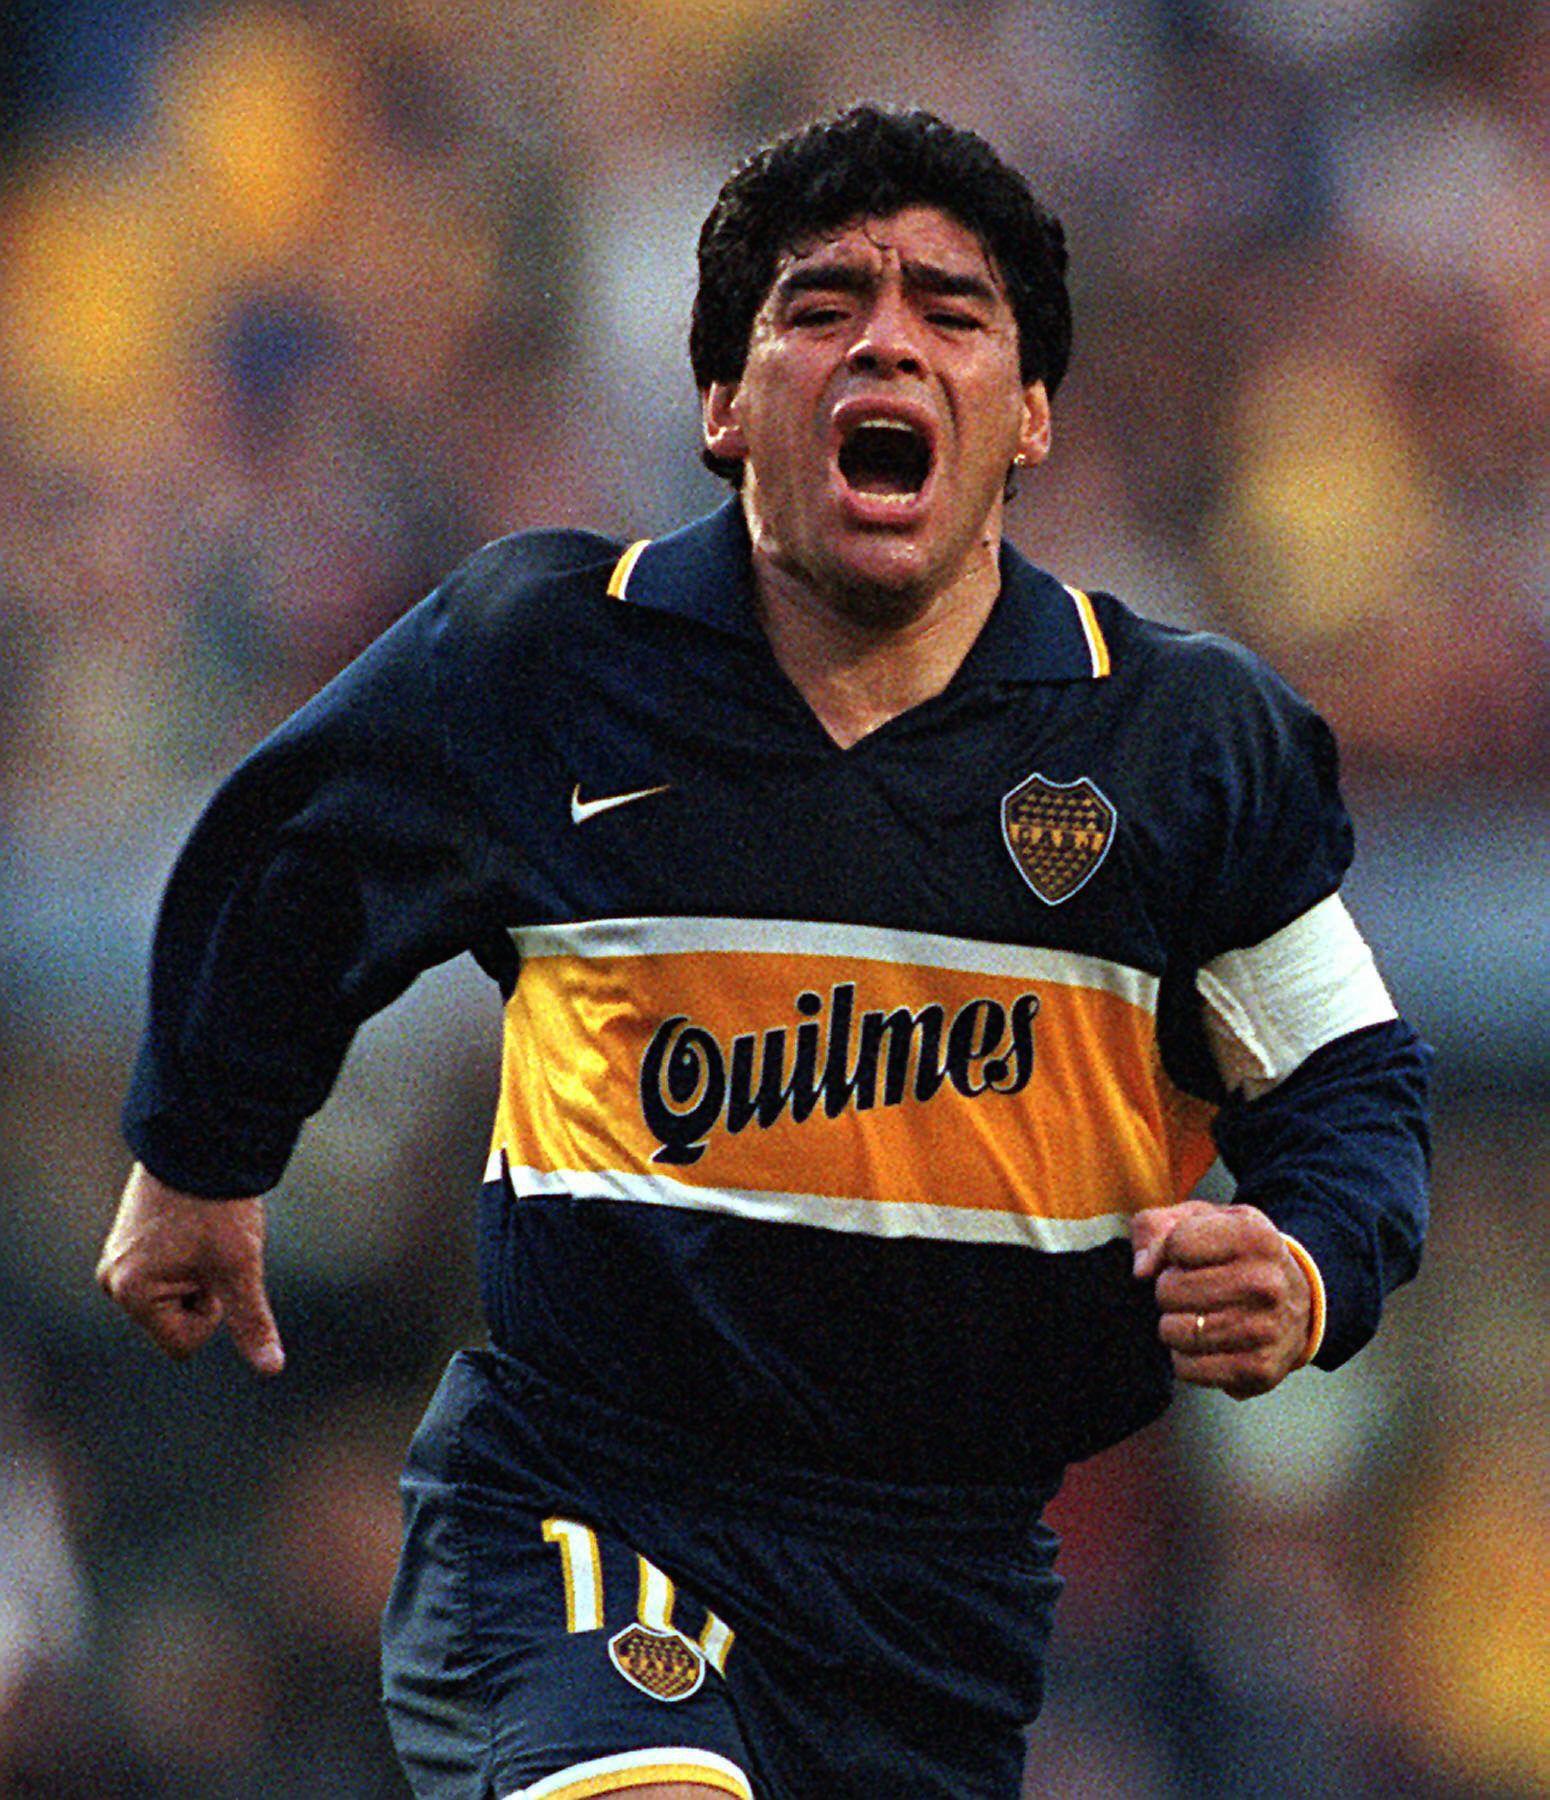 Legenden Diego Maradona hadde to perioder i Boca Juniors; en fra 1981 til 1982 og den siste fra 1995 til 1997.